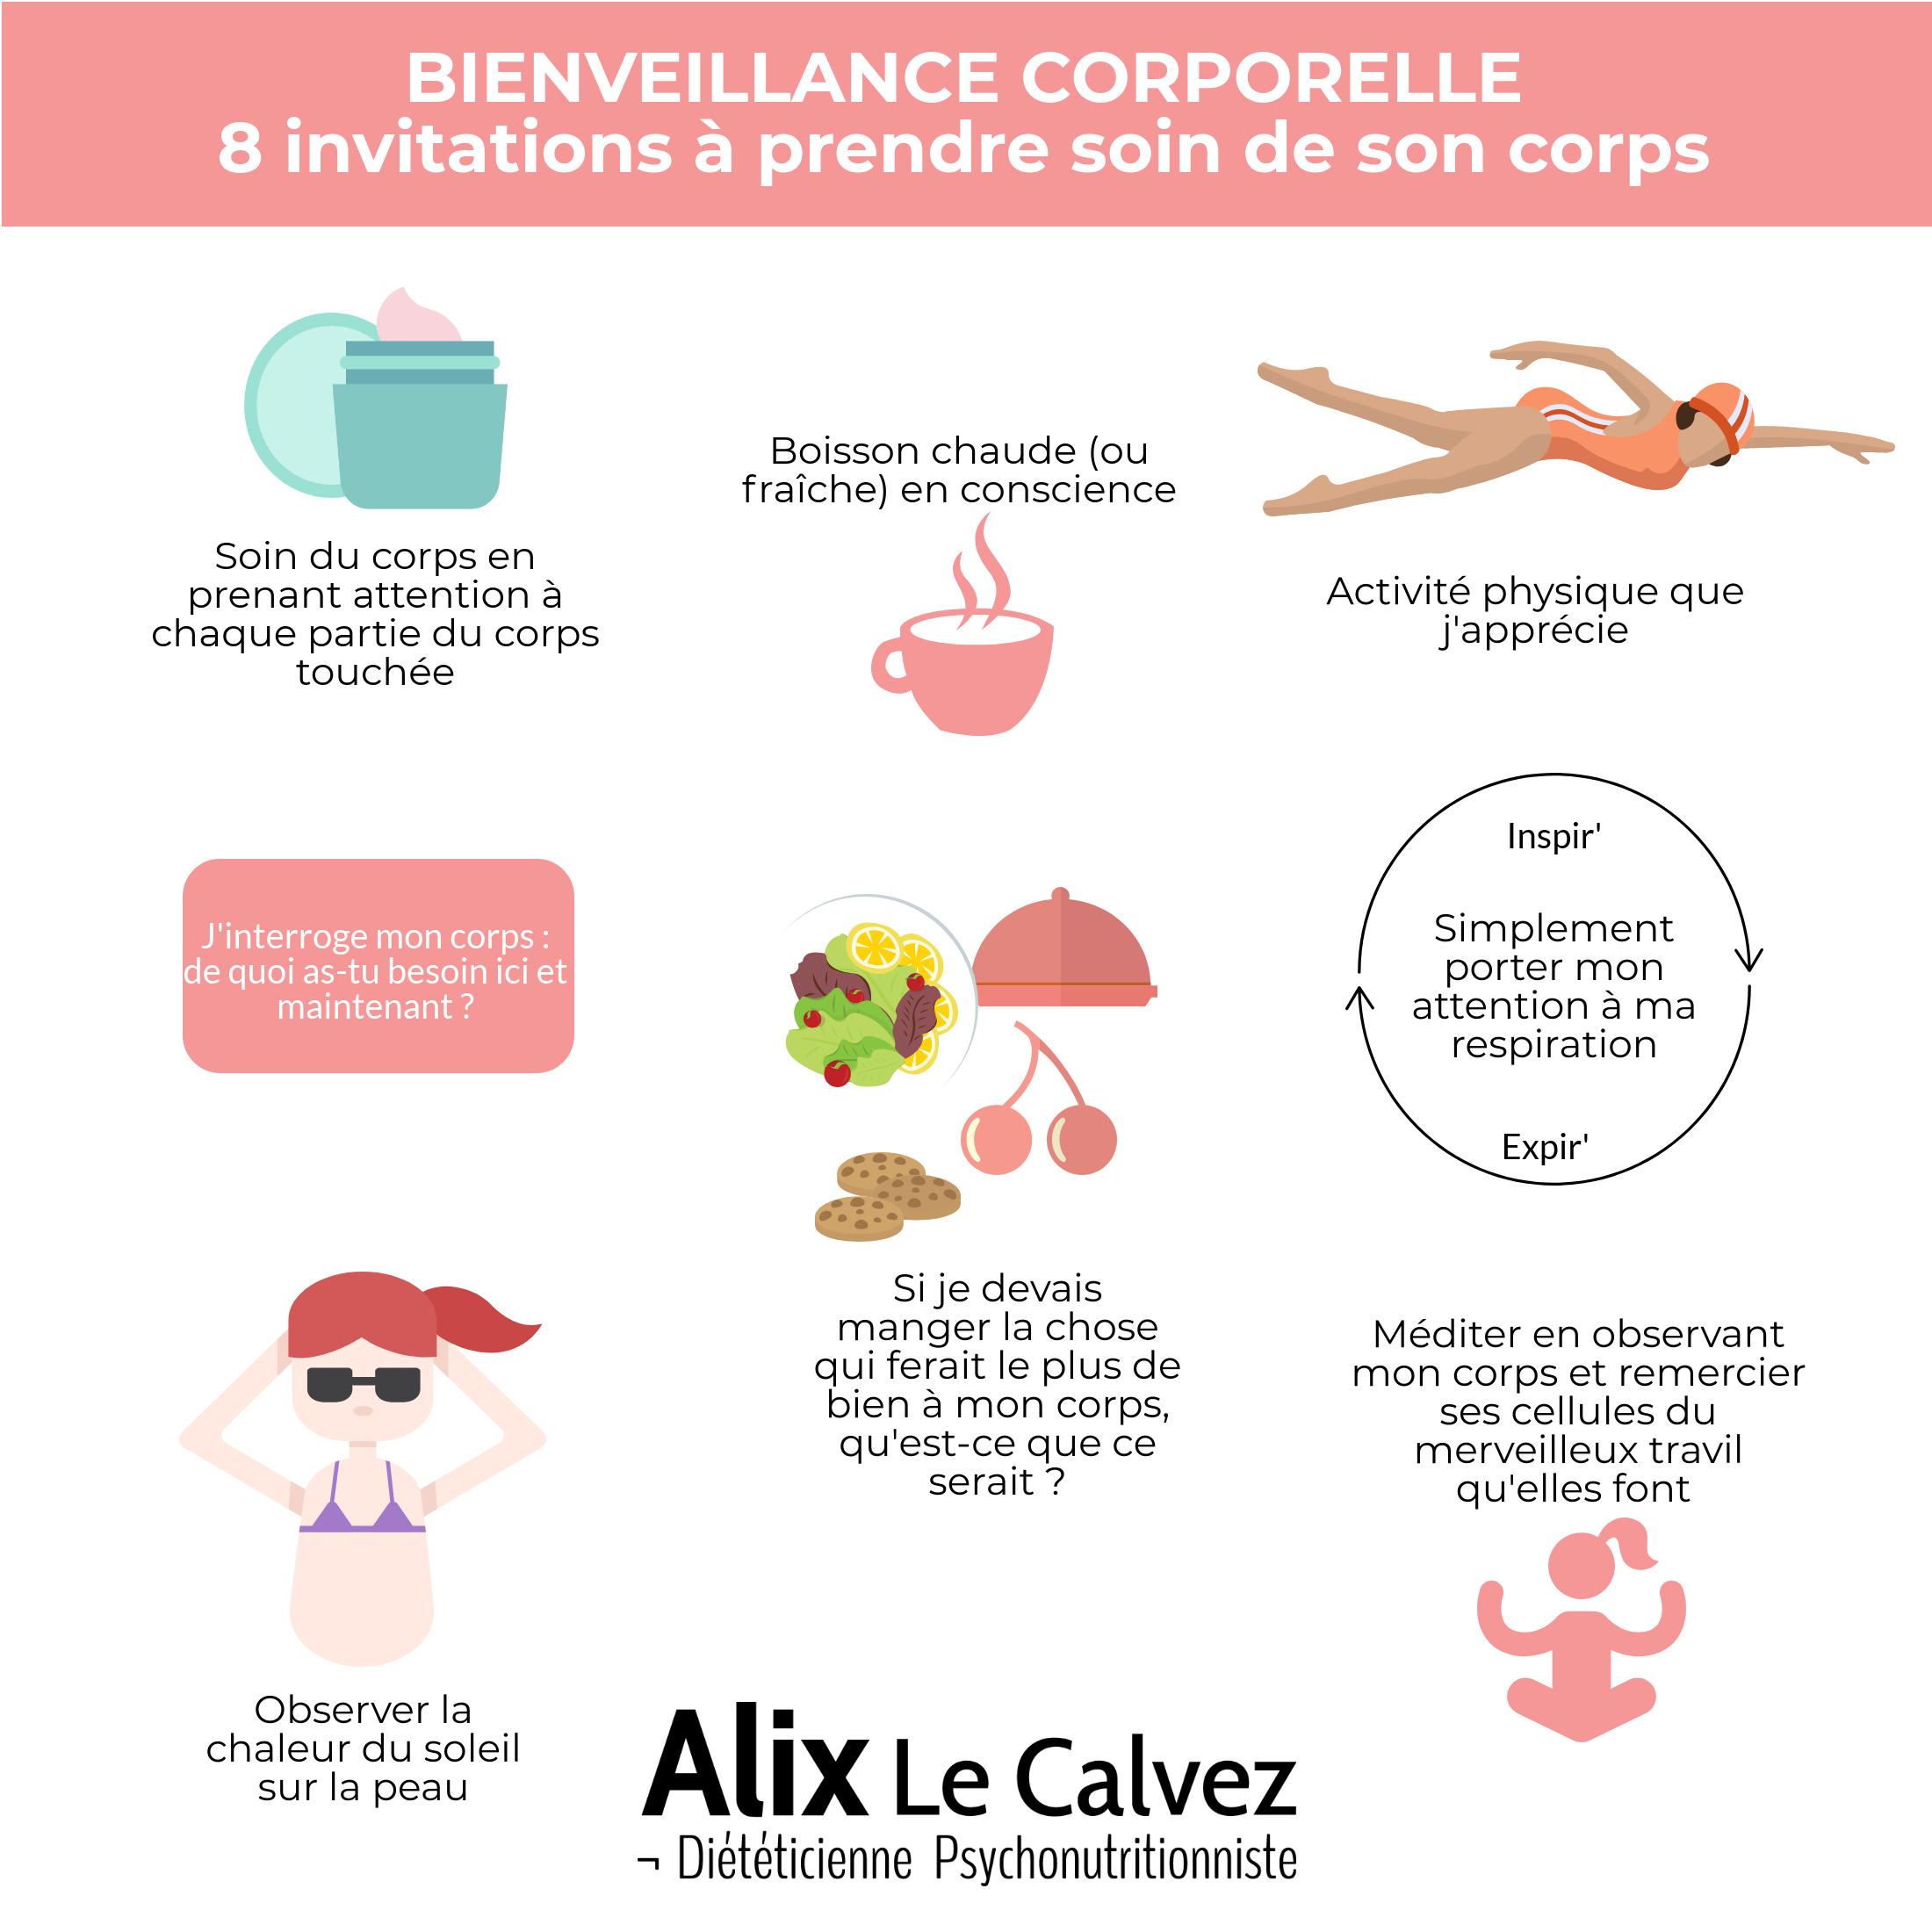 8 propositions à expérimenter la bienveillance corporelle par Alix Le Calvez Diététicienne Psychonutritionniste